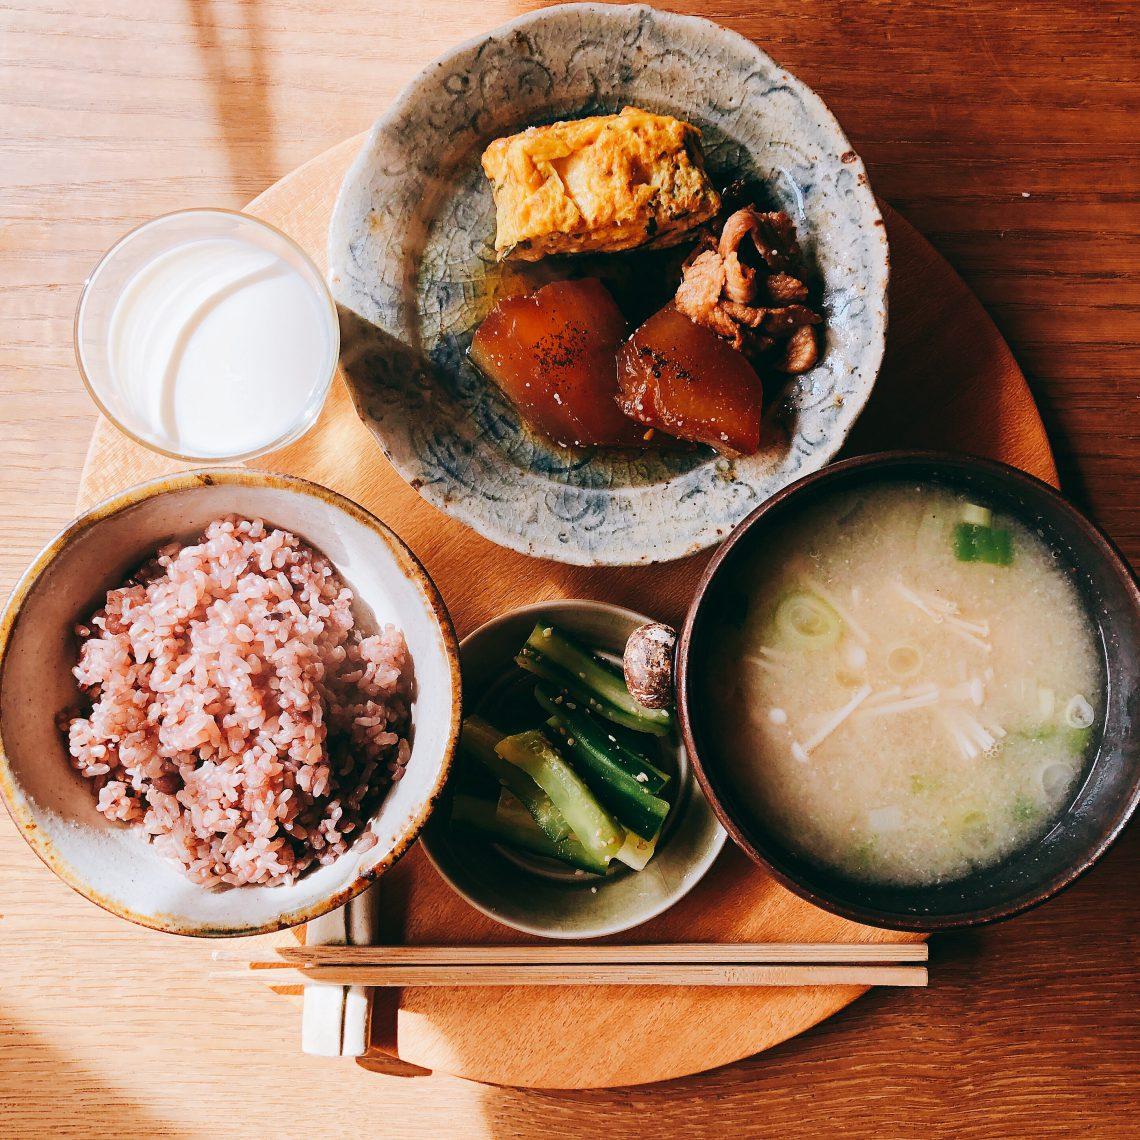 ナカシマ日記 8月の朝食編